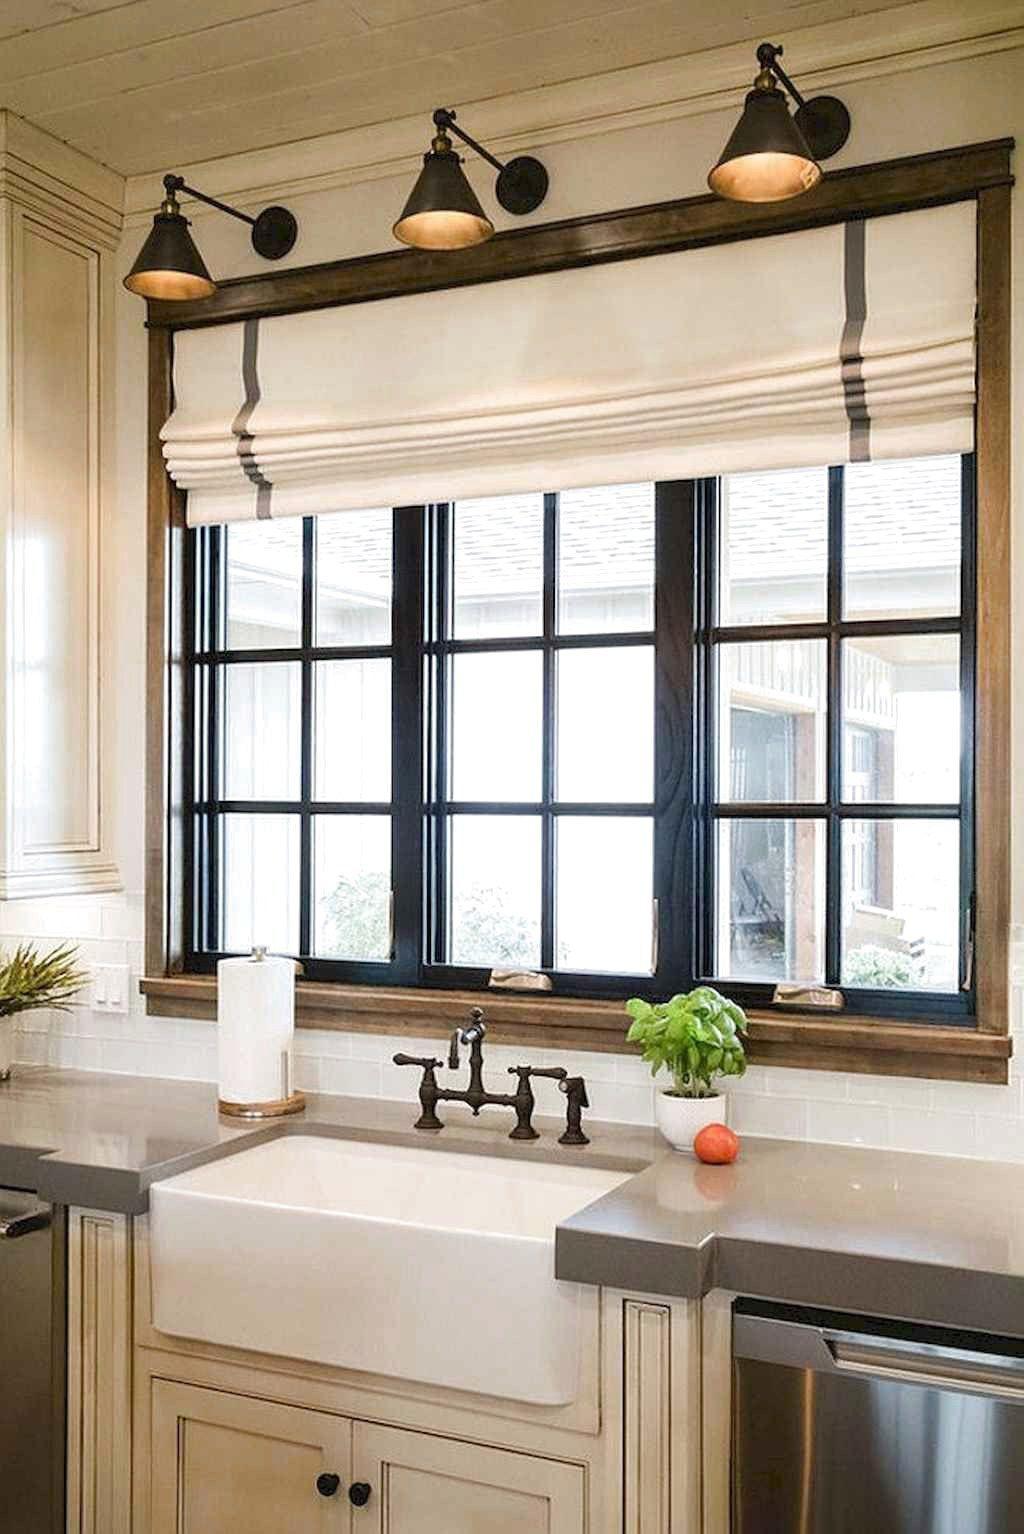 9 Amazing Farmhouse Kitchen Curtains Decor Ideas KitchenDecor ...